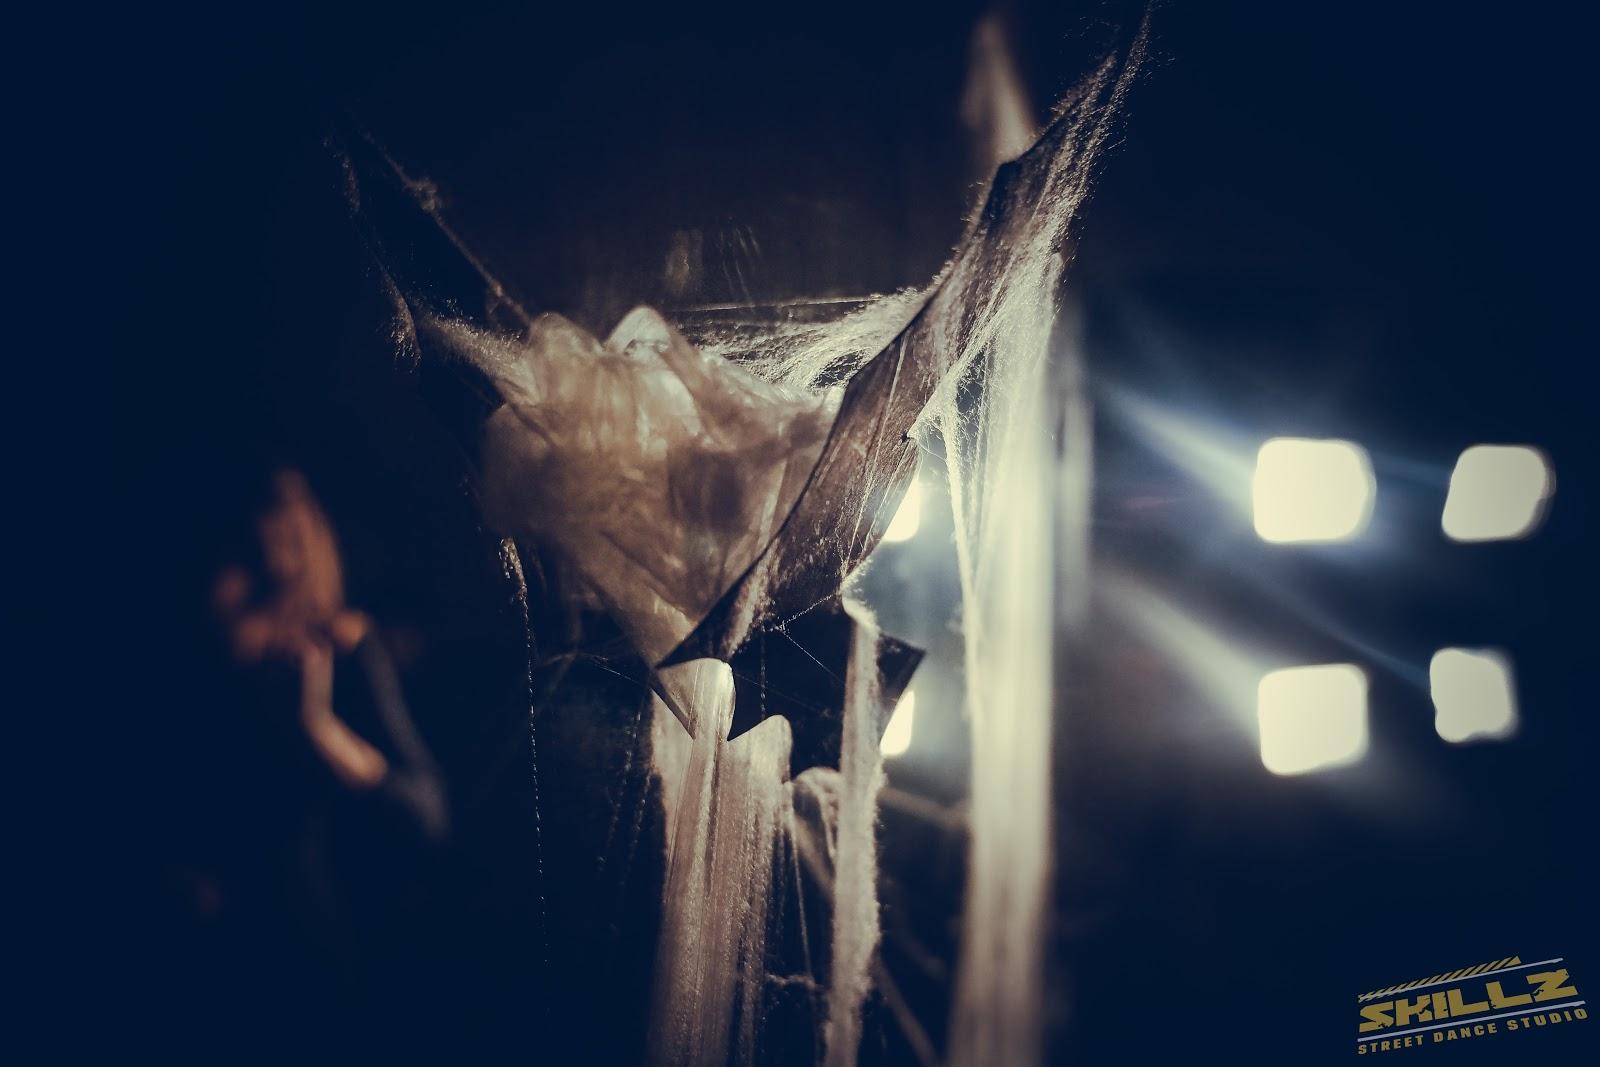 Naujikų krikštynos @SKILLZ (Halloween tema) - PANA2159.jpg